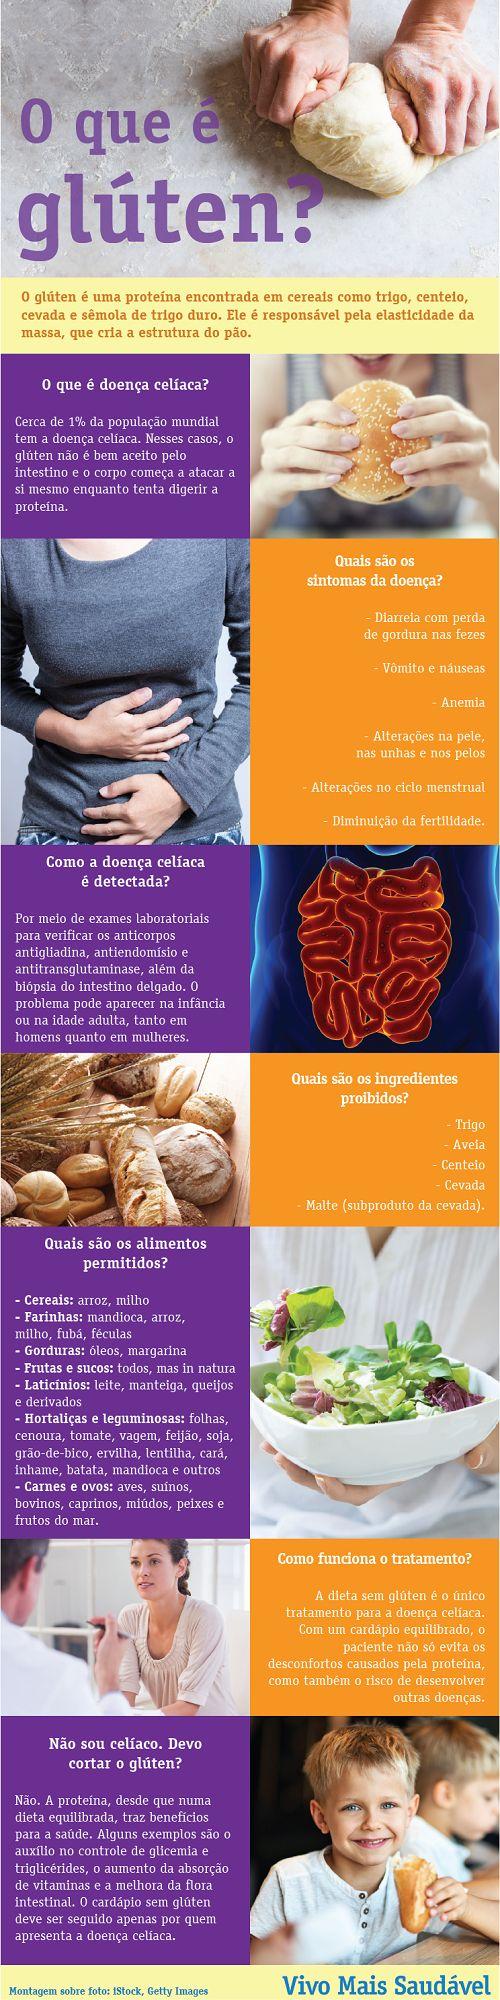 Infográfico sobre a Doença Celíaca: o que é, sintomas, tratamento, alimentos permitidos e proibidos. Conheça também opções de Produtos sem Glúten: https://www.emporioecco.com.br/sem-gluten